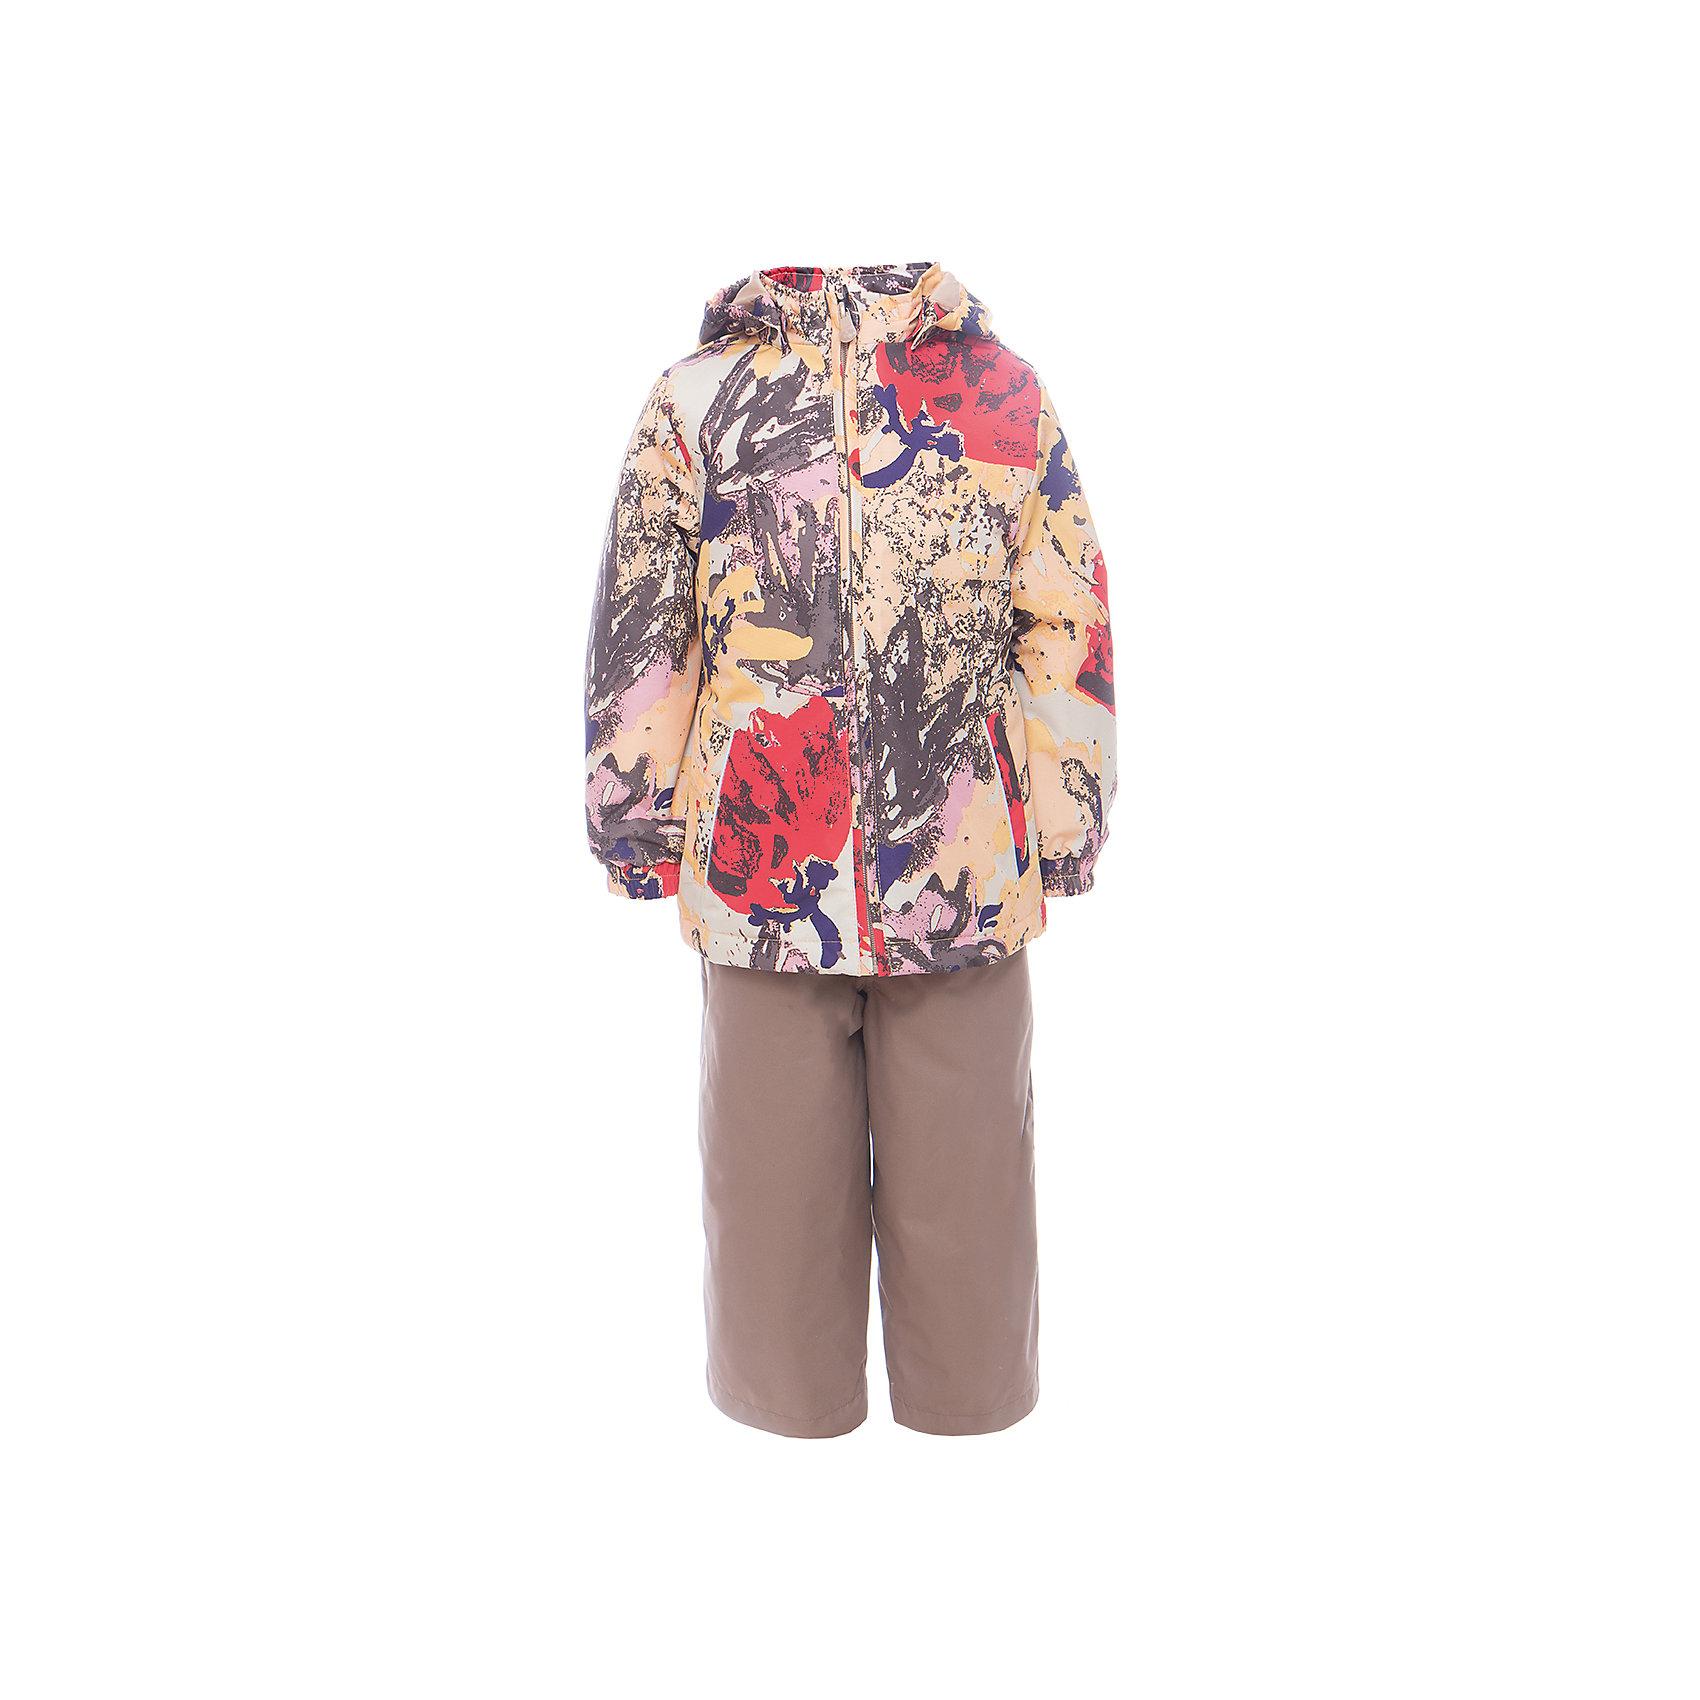 Комплект: куртка и полукомбинезон для девочки YONNE HuppaКомплекты<br>Характеристики товара:<br><br>• цвет: золотой принт/бежевый<br>• комплектация: куртка и полукомбинезон <br>• ткань: 100% полиэстер<br>• подкладка: тафта - 100% полиэстер<br>• утеплитель: куртка и полукомбинезон - 100% полиэстер 100 г.<br>• температурный режим: от -5°С до +10°С<br>• водонепроницаемость: верх - 5000 мм, низ - 10000 мм<br>• воздухопроницаемость: верх - 5000 мм, низ - 10000 мм<br>• светоотражающие детали<br>• шов сидения проклеен<br>• съёмный капюшон с резинкой<br>• защита подбородка от молнии<br>• эластичные манжеты на рукавах<br>• регулируемый низ брючин<br>• эластичный шнур с фиксатором внизу брючин<br>• без внутренних швов<br>• резиновые подтяжки<br>• коллекция: весна-лето 2017<br>• страна бренда: Эстония<br><br>Такой модный демисезонный комплект  обеспечит детям тепло и комфорт. Он сделан из материала, отталкивающего воду, и дополнен подкладкой с утеплителем, поэтому изделие идеально подходит для межсезонья. Материал изделий - с мембранной технологией: защищая от влаги и ветра, он легко выводит лишнюю влагу наружу. Комплект очень симпатично смотрится. <br><br>Одежда и обувь от популярного эстонского бренда Huppa - отличный вариант одеть ребенка можно и комфортно. Вещи, выпускаемые компанией, качественные, продуманные и очень удобные. Для производства изделий используются только безопасные для детей материалы. Продукция от Huppa порадует и детей, и их родителей!<br><br>Комплект: куртка и полукомбинезон YONNE от бренда Huppa (Хуппа) можно купить в нашем интернет-магазине.<br><br>Ширина мм: 356<br>Глубина мм: 10<br>Высота мм: 245<br>Вес г: 519<br>Цвет: желтый<br>Возраст от месяцев: 72<br>Возраст до месяцев: 84<br>Пол: Женский<br>Возраст: Детский<br>Размер: 122,80,86,92,98,104,110,116<br>SKU: 5346636